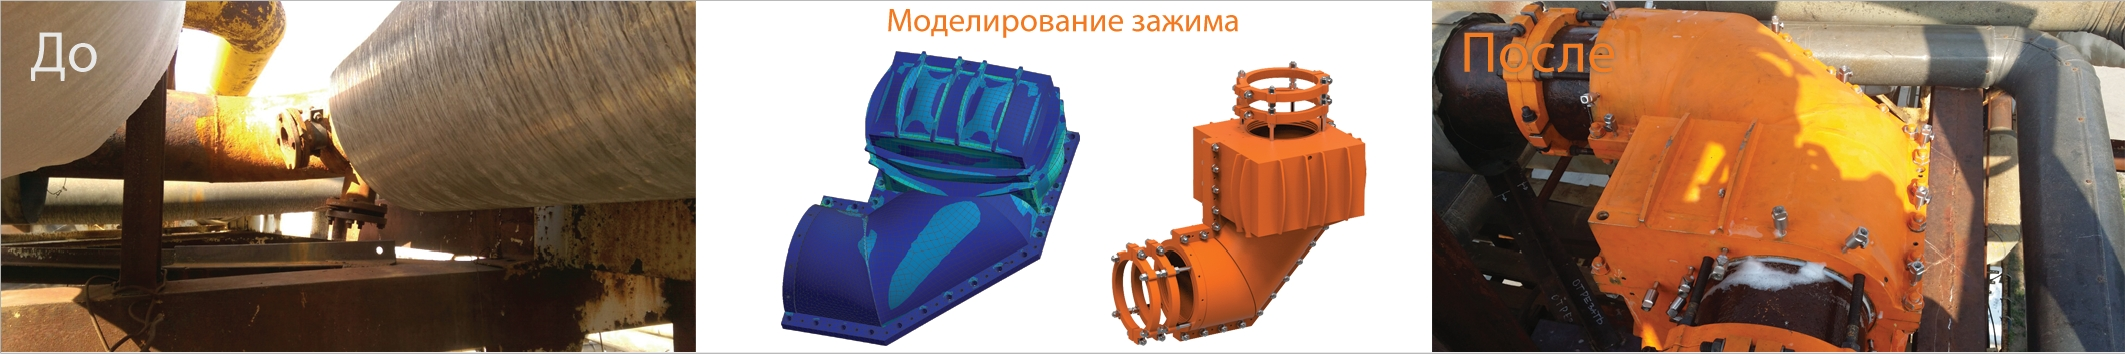 Рис. 3. Утечка на сварном соединении отвода Dу = 300 мм. Рабочие параметры: транспортируемая среда – жидкий аммиак; давление – 1,8 МПа, температура 12°С